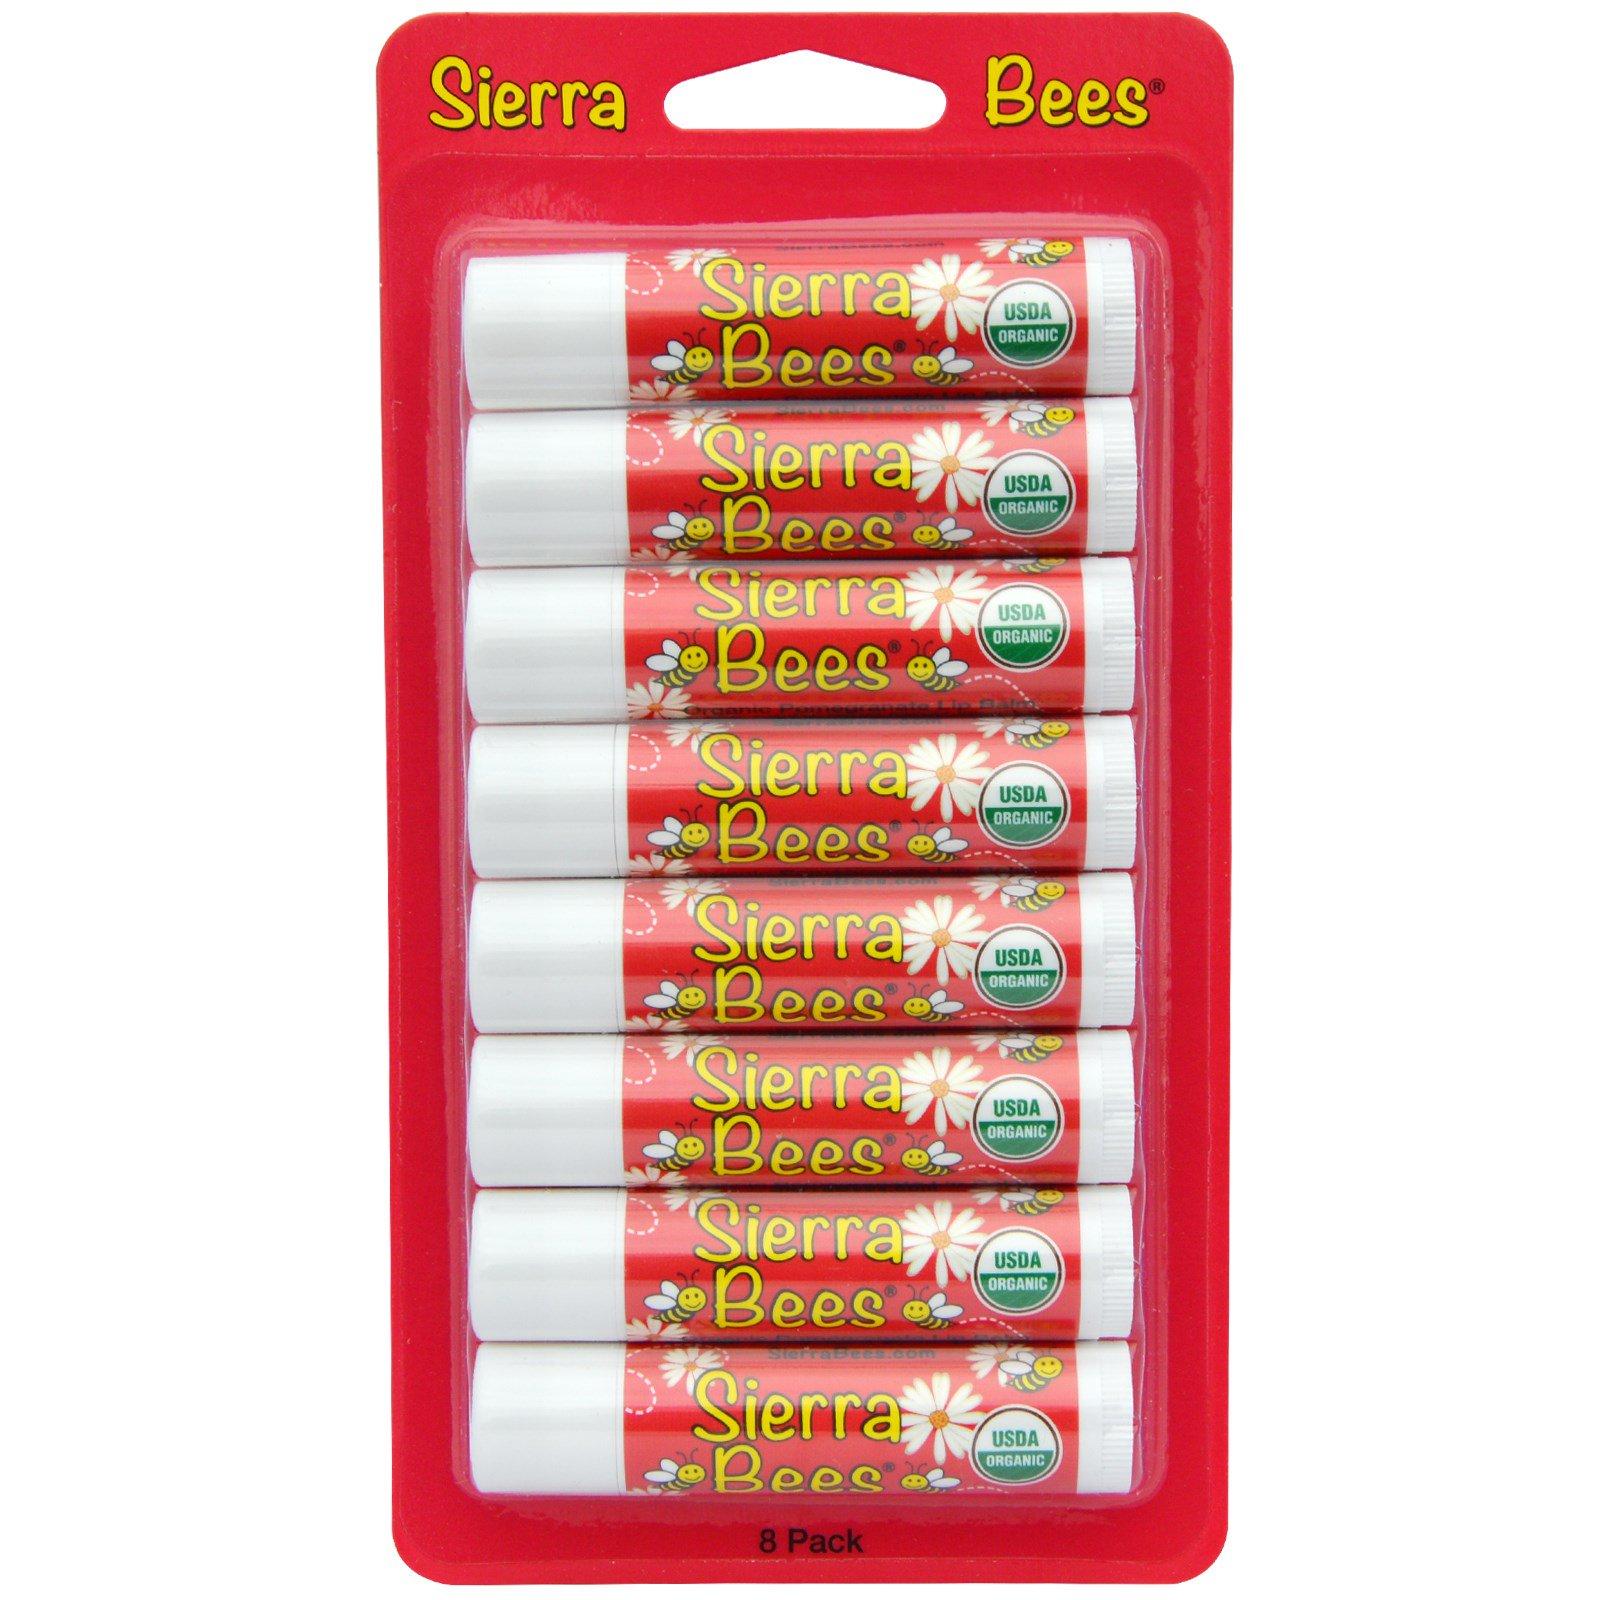 Sierra Bees, Органические бальзамы для губ, Гранат, 8 штук, каждый по 0,15 унции (4,25 г)